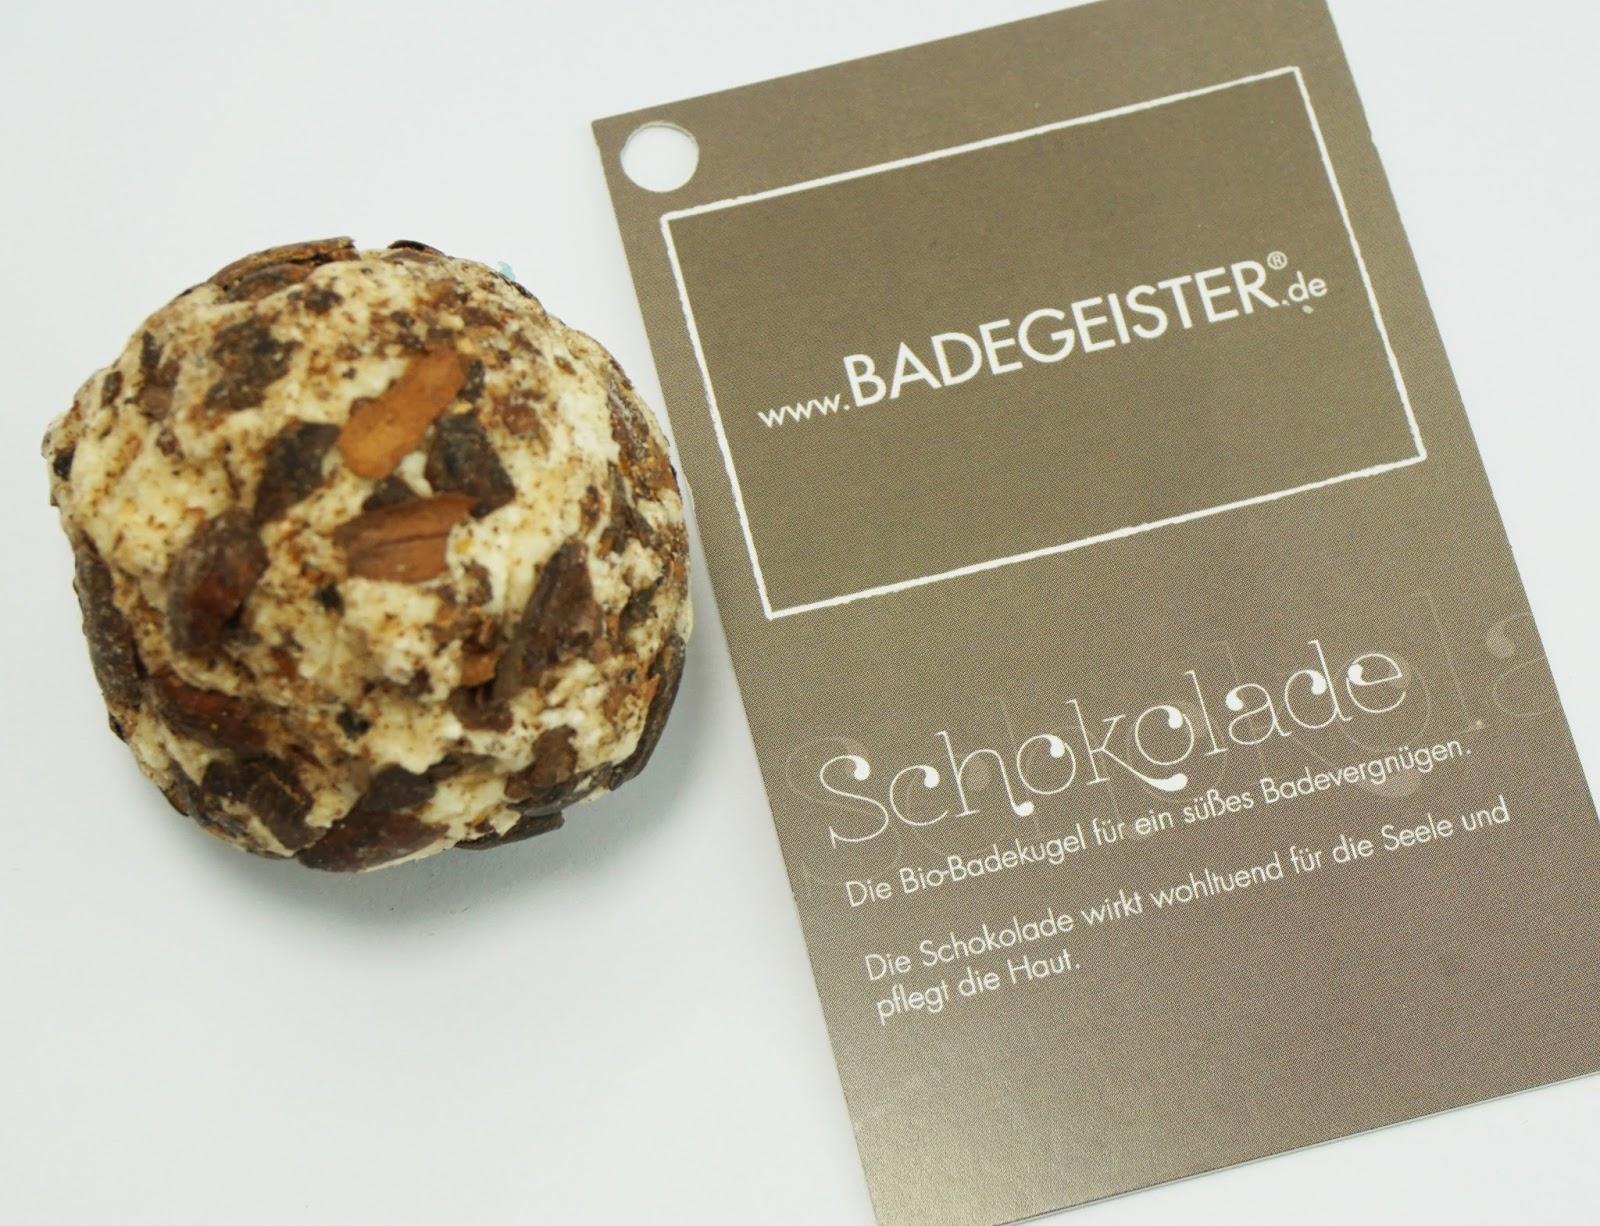 Badegeister - Bio-Badekugel Schokolade